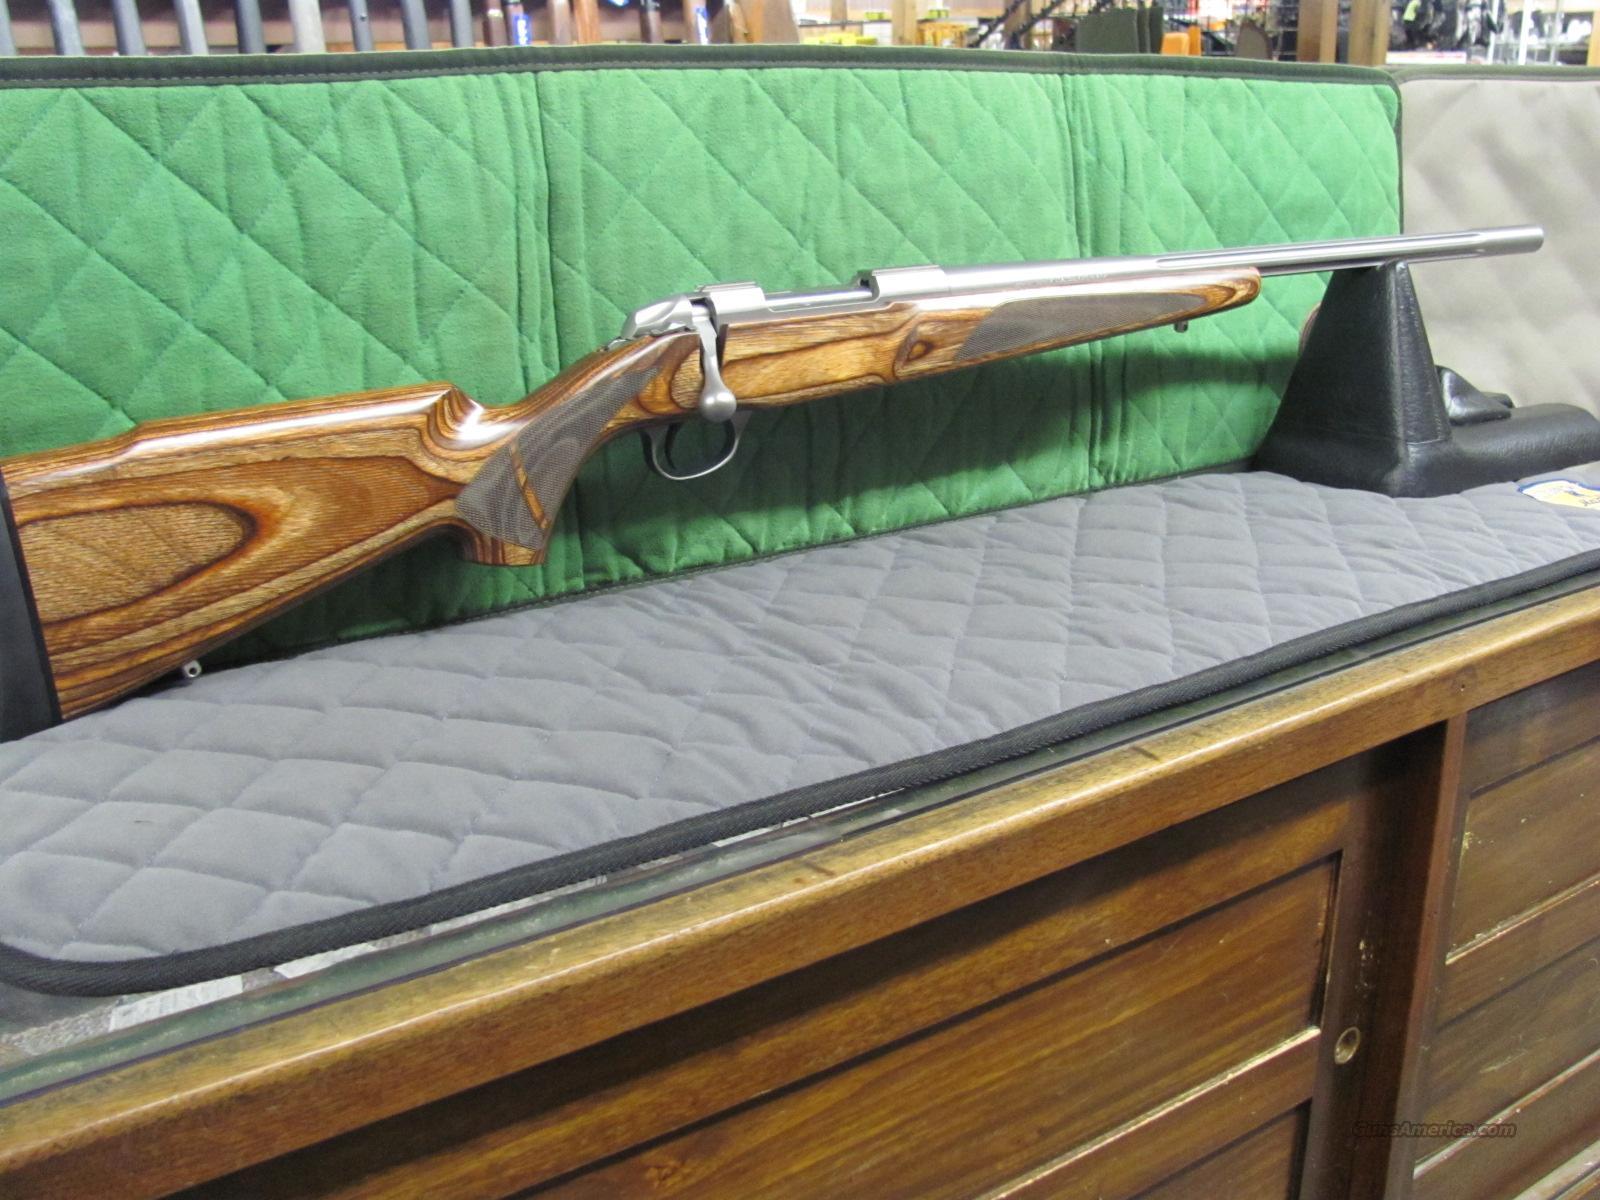 Sako 85 Varmint 22-250 JRS1G14  **NEW**  Guns > Rifles > Sako Rifles > M85 Series